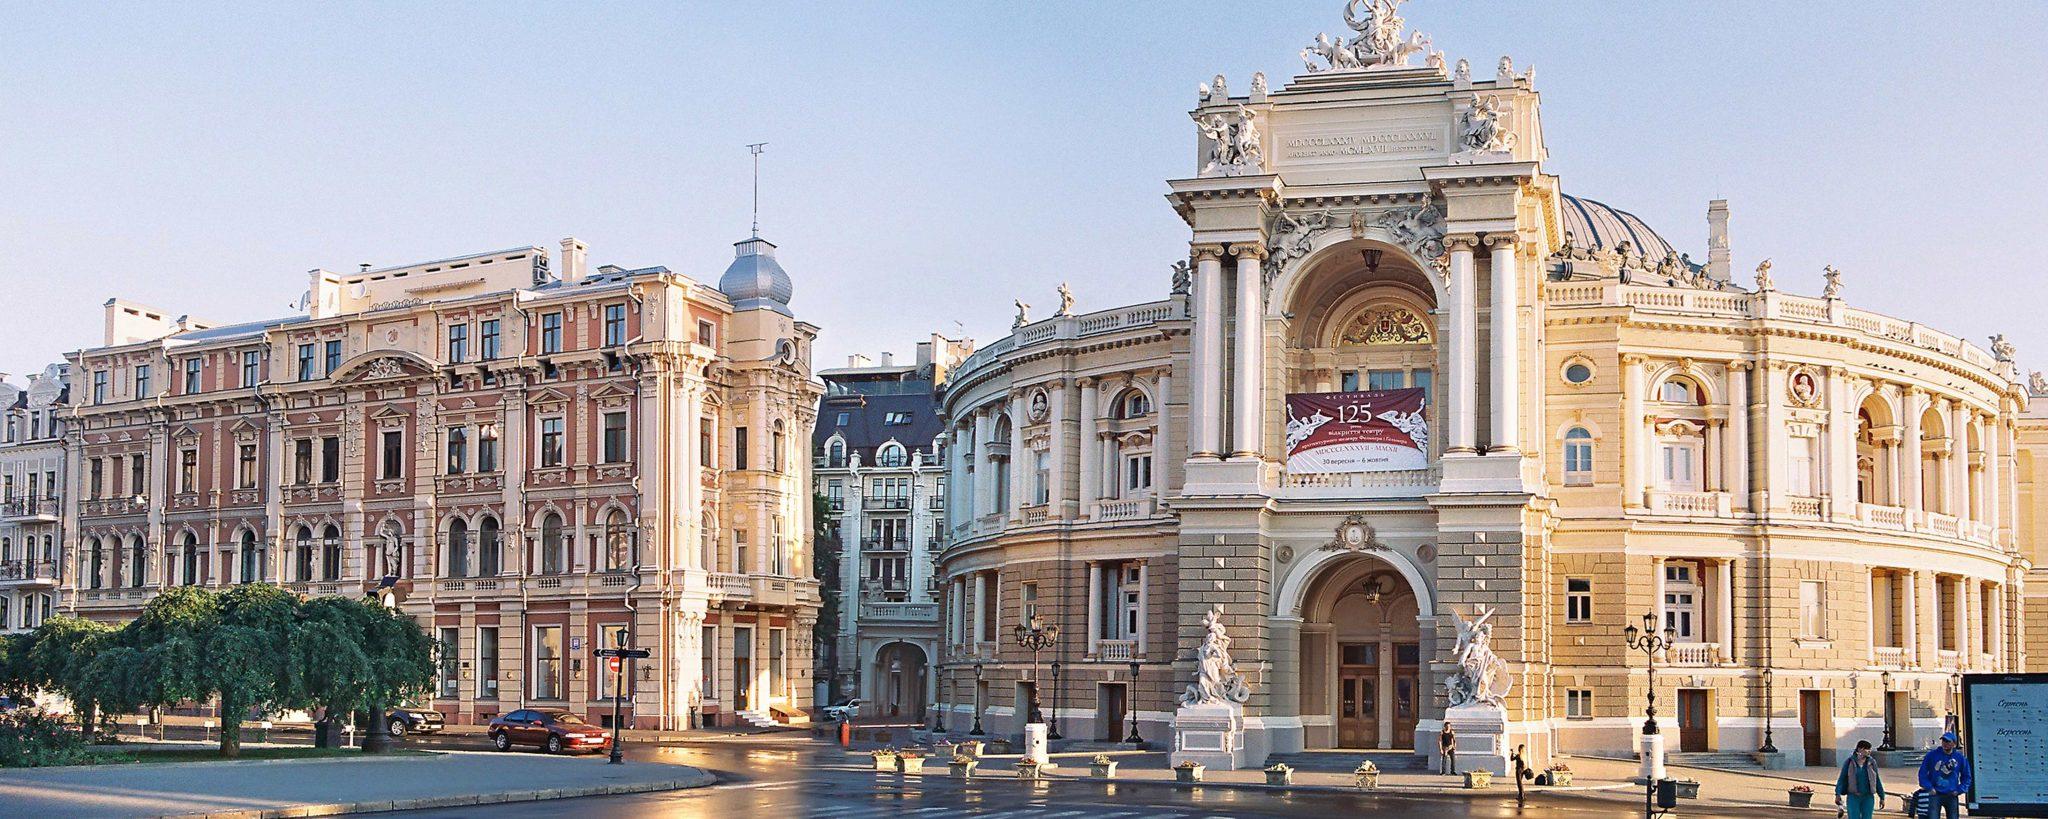 شهر ادسا اوکراین | Odesa